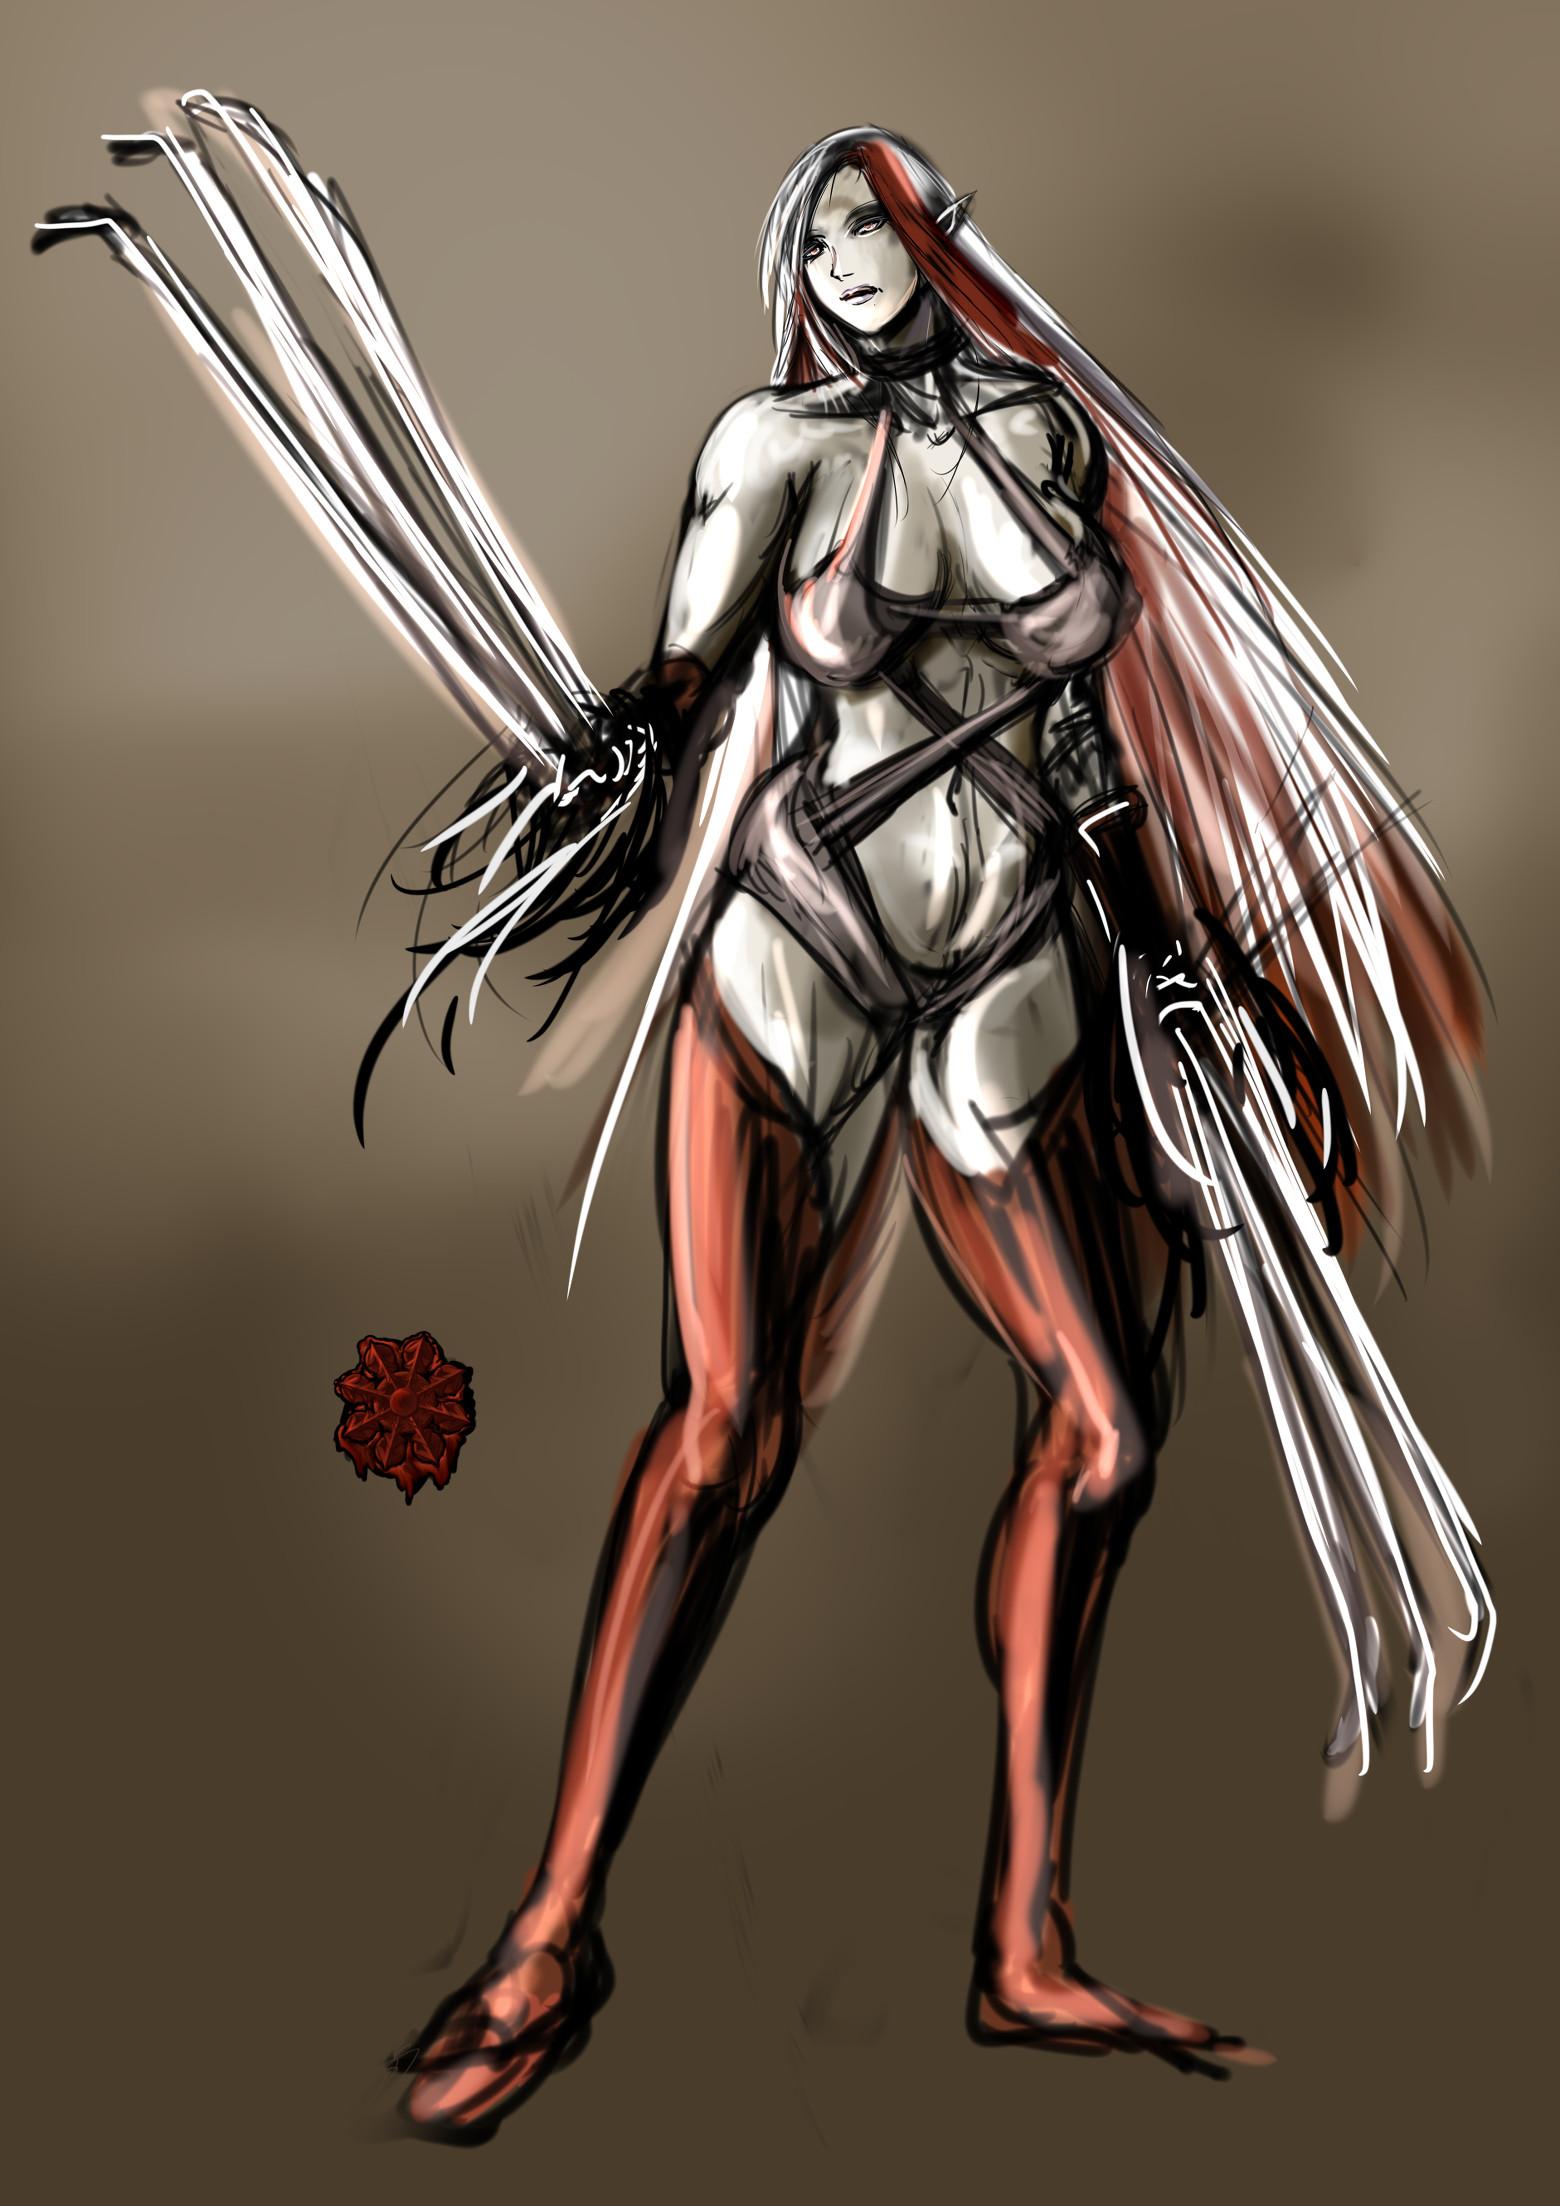 セクシーギャル吸血鬼狂戦士